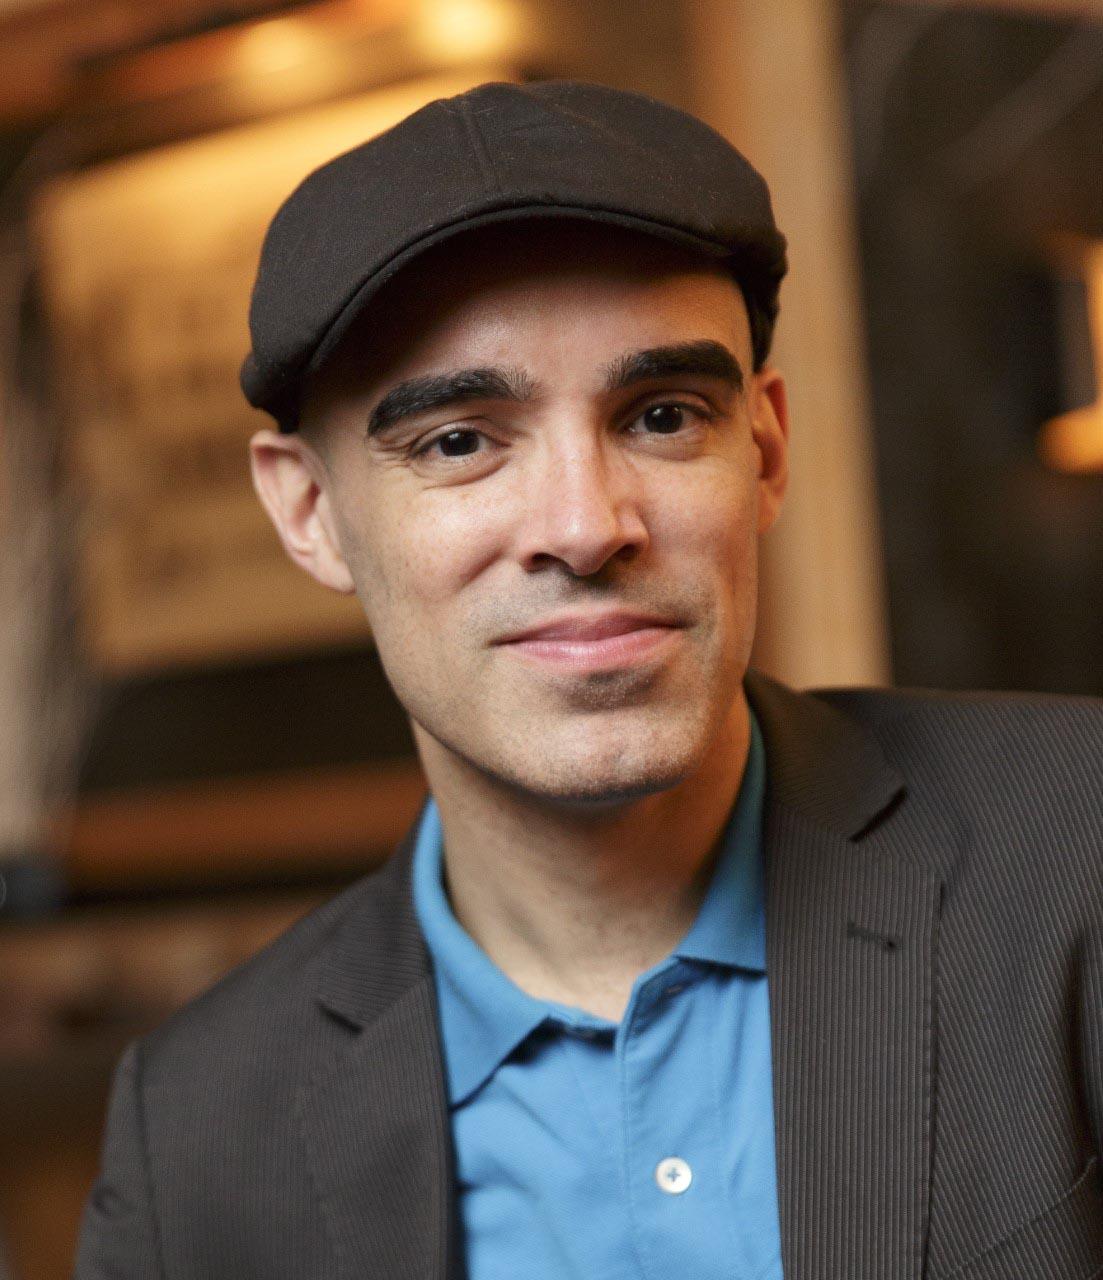 Ricardo Perez Gonzalez